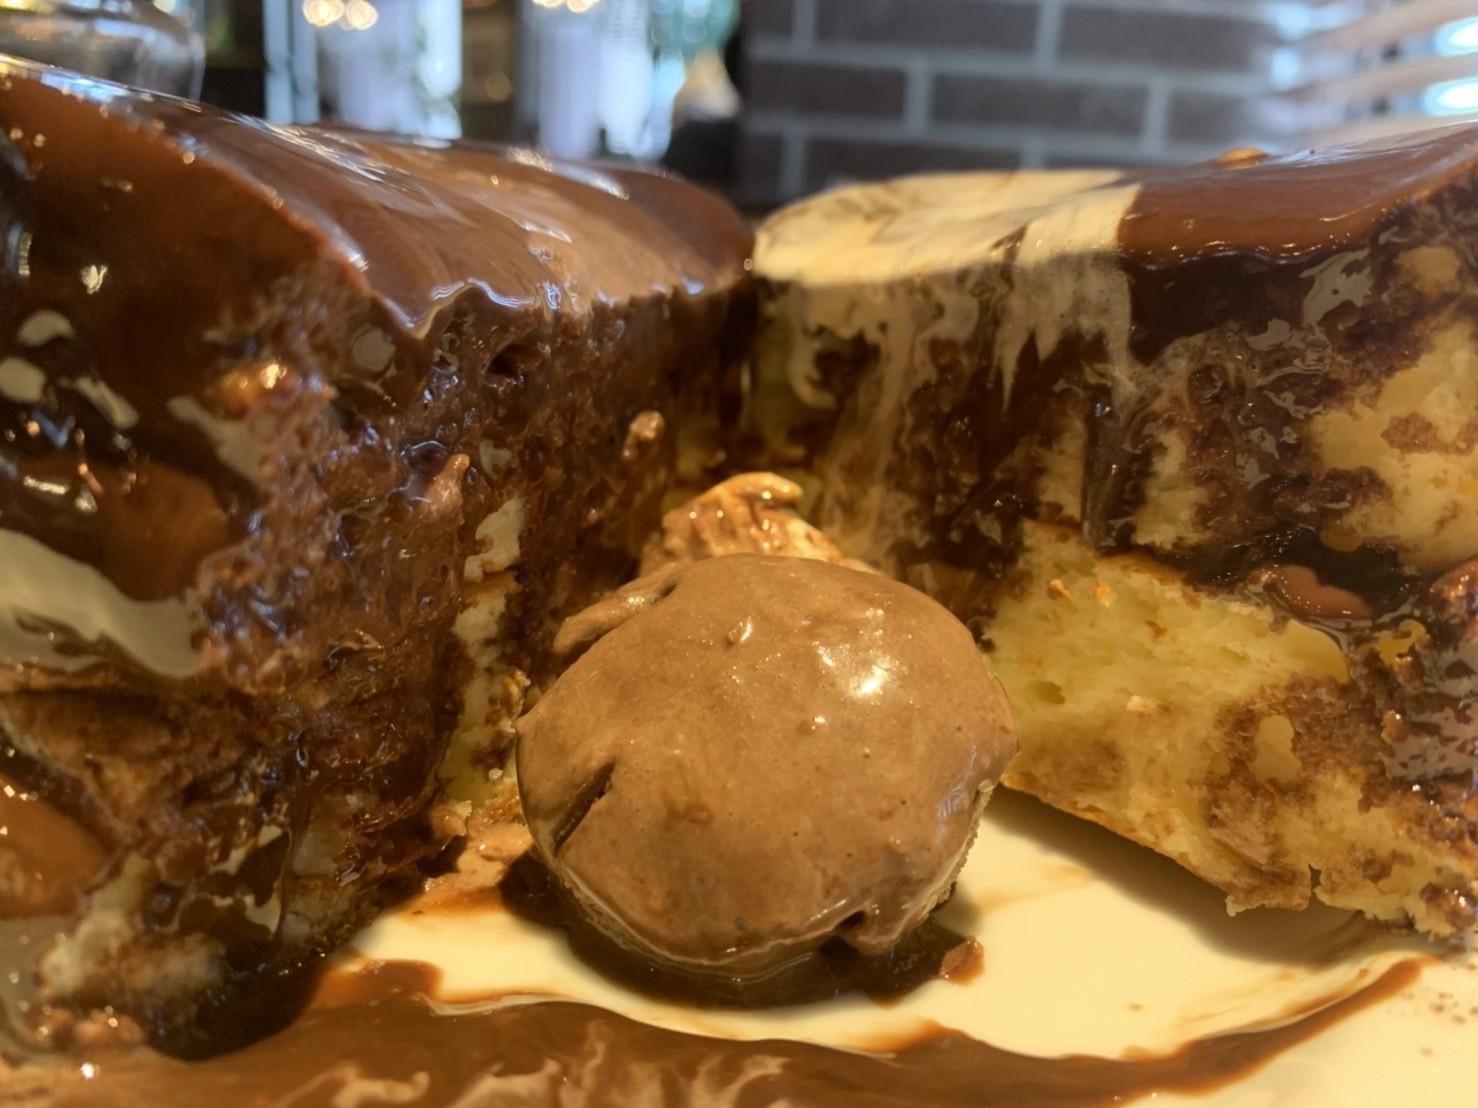 星乃珈琲店の生チョコレートスフレパンケーキの断面図